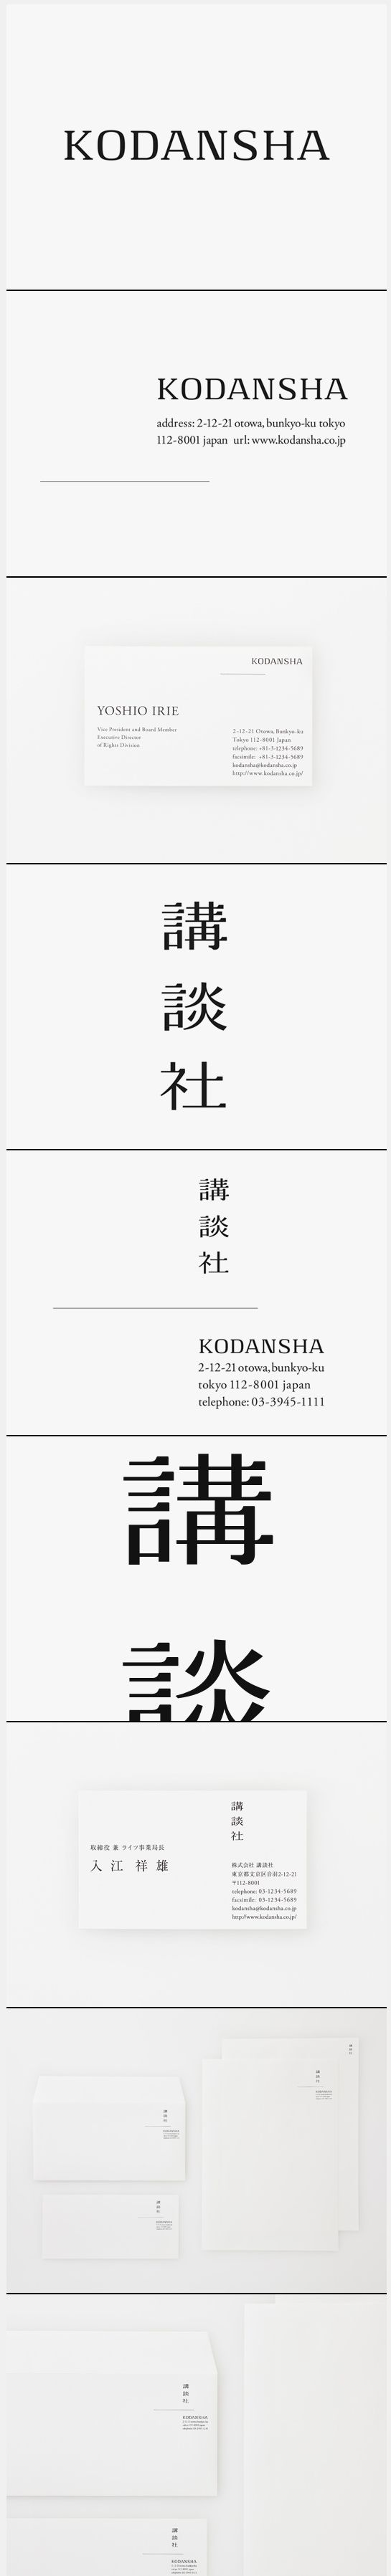 AD: Kenya Hara 原研哉 D: Akiko Uematsu